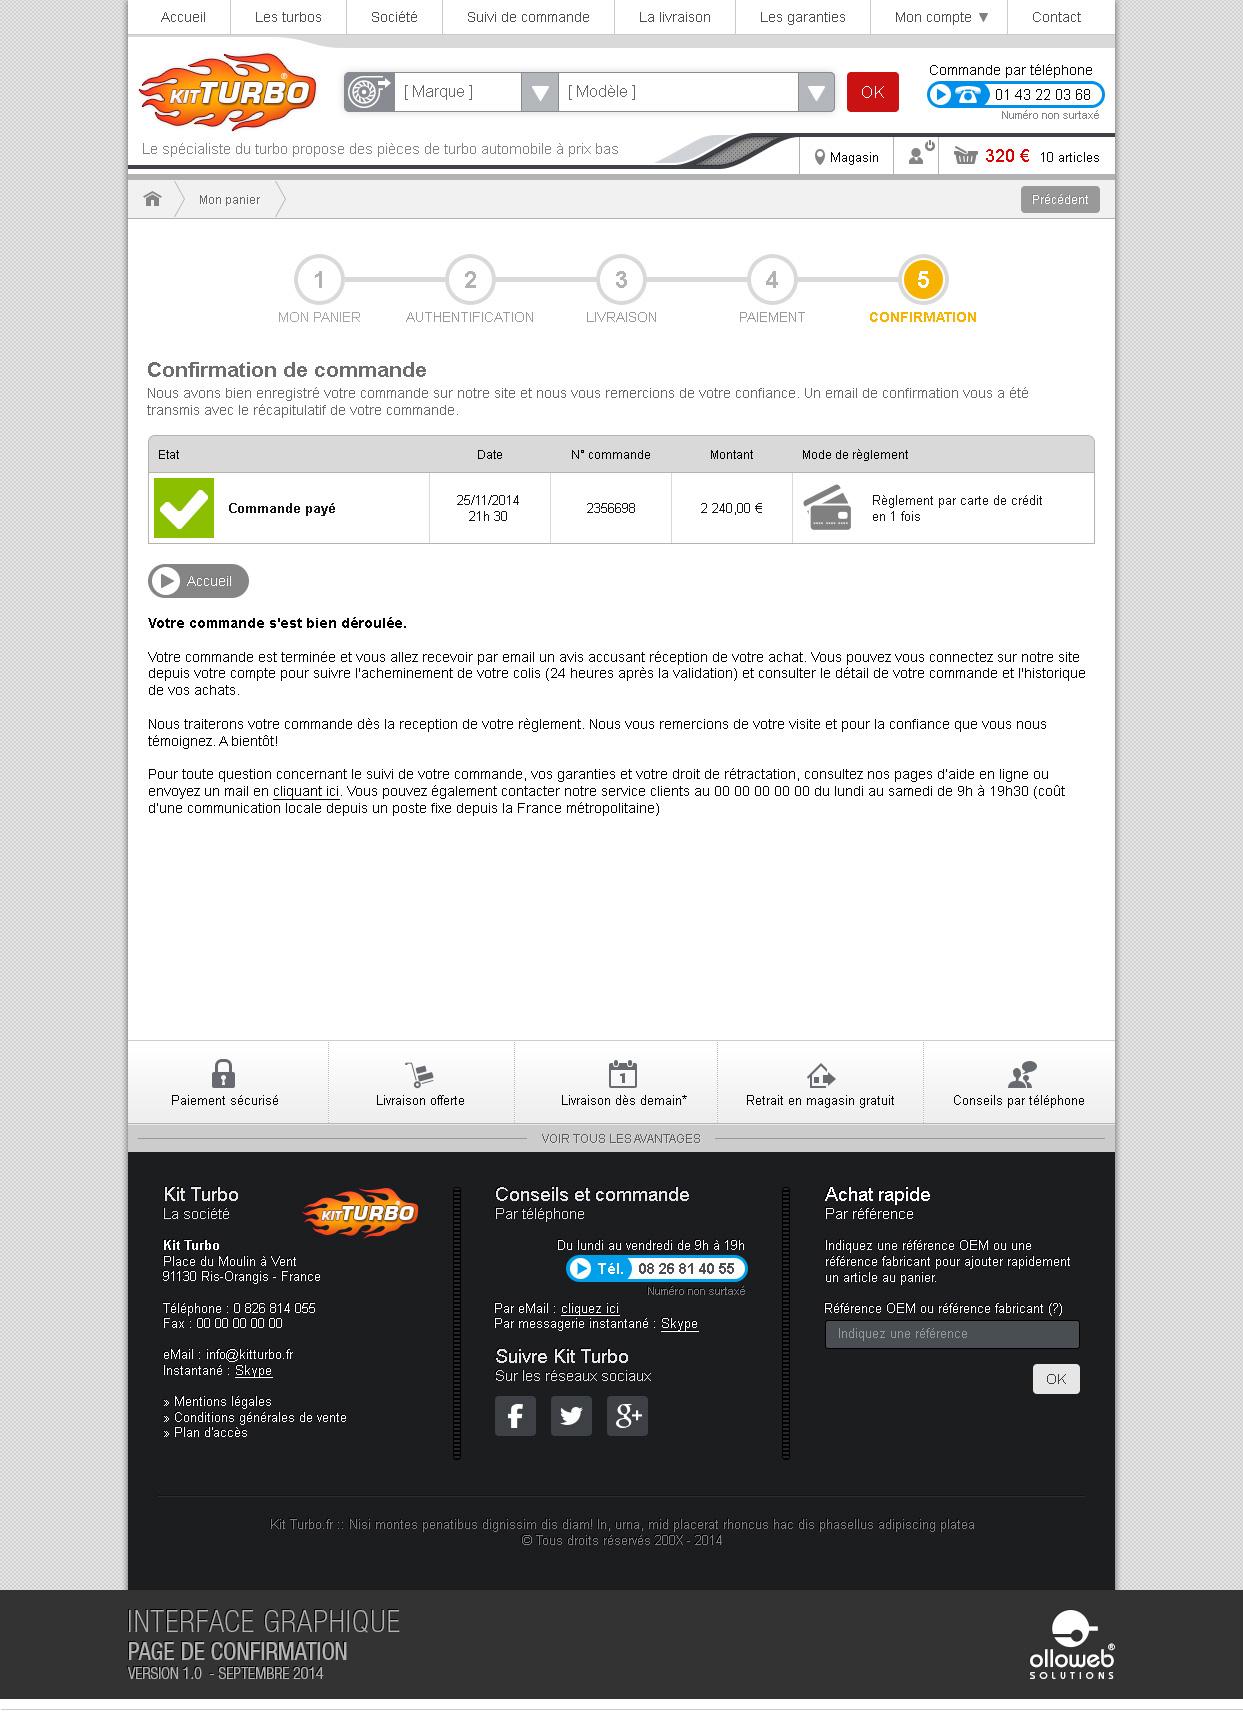 Graphisme du modèle de la page confirmation